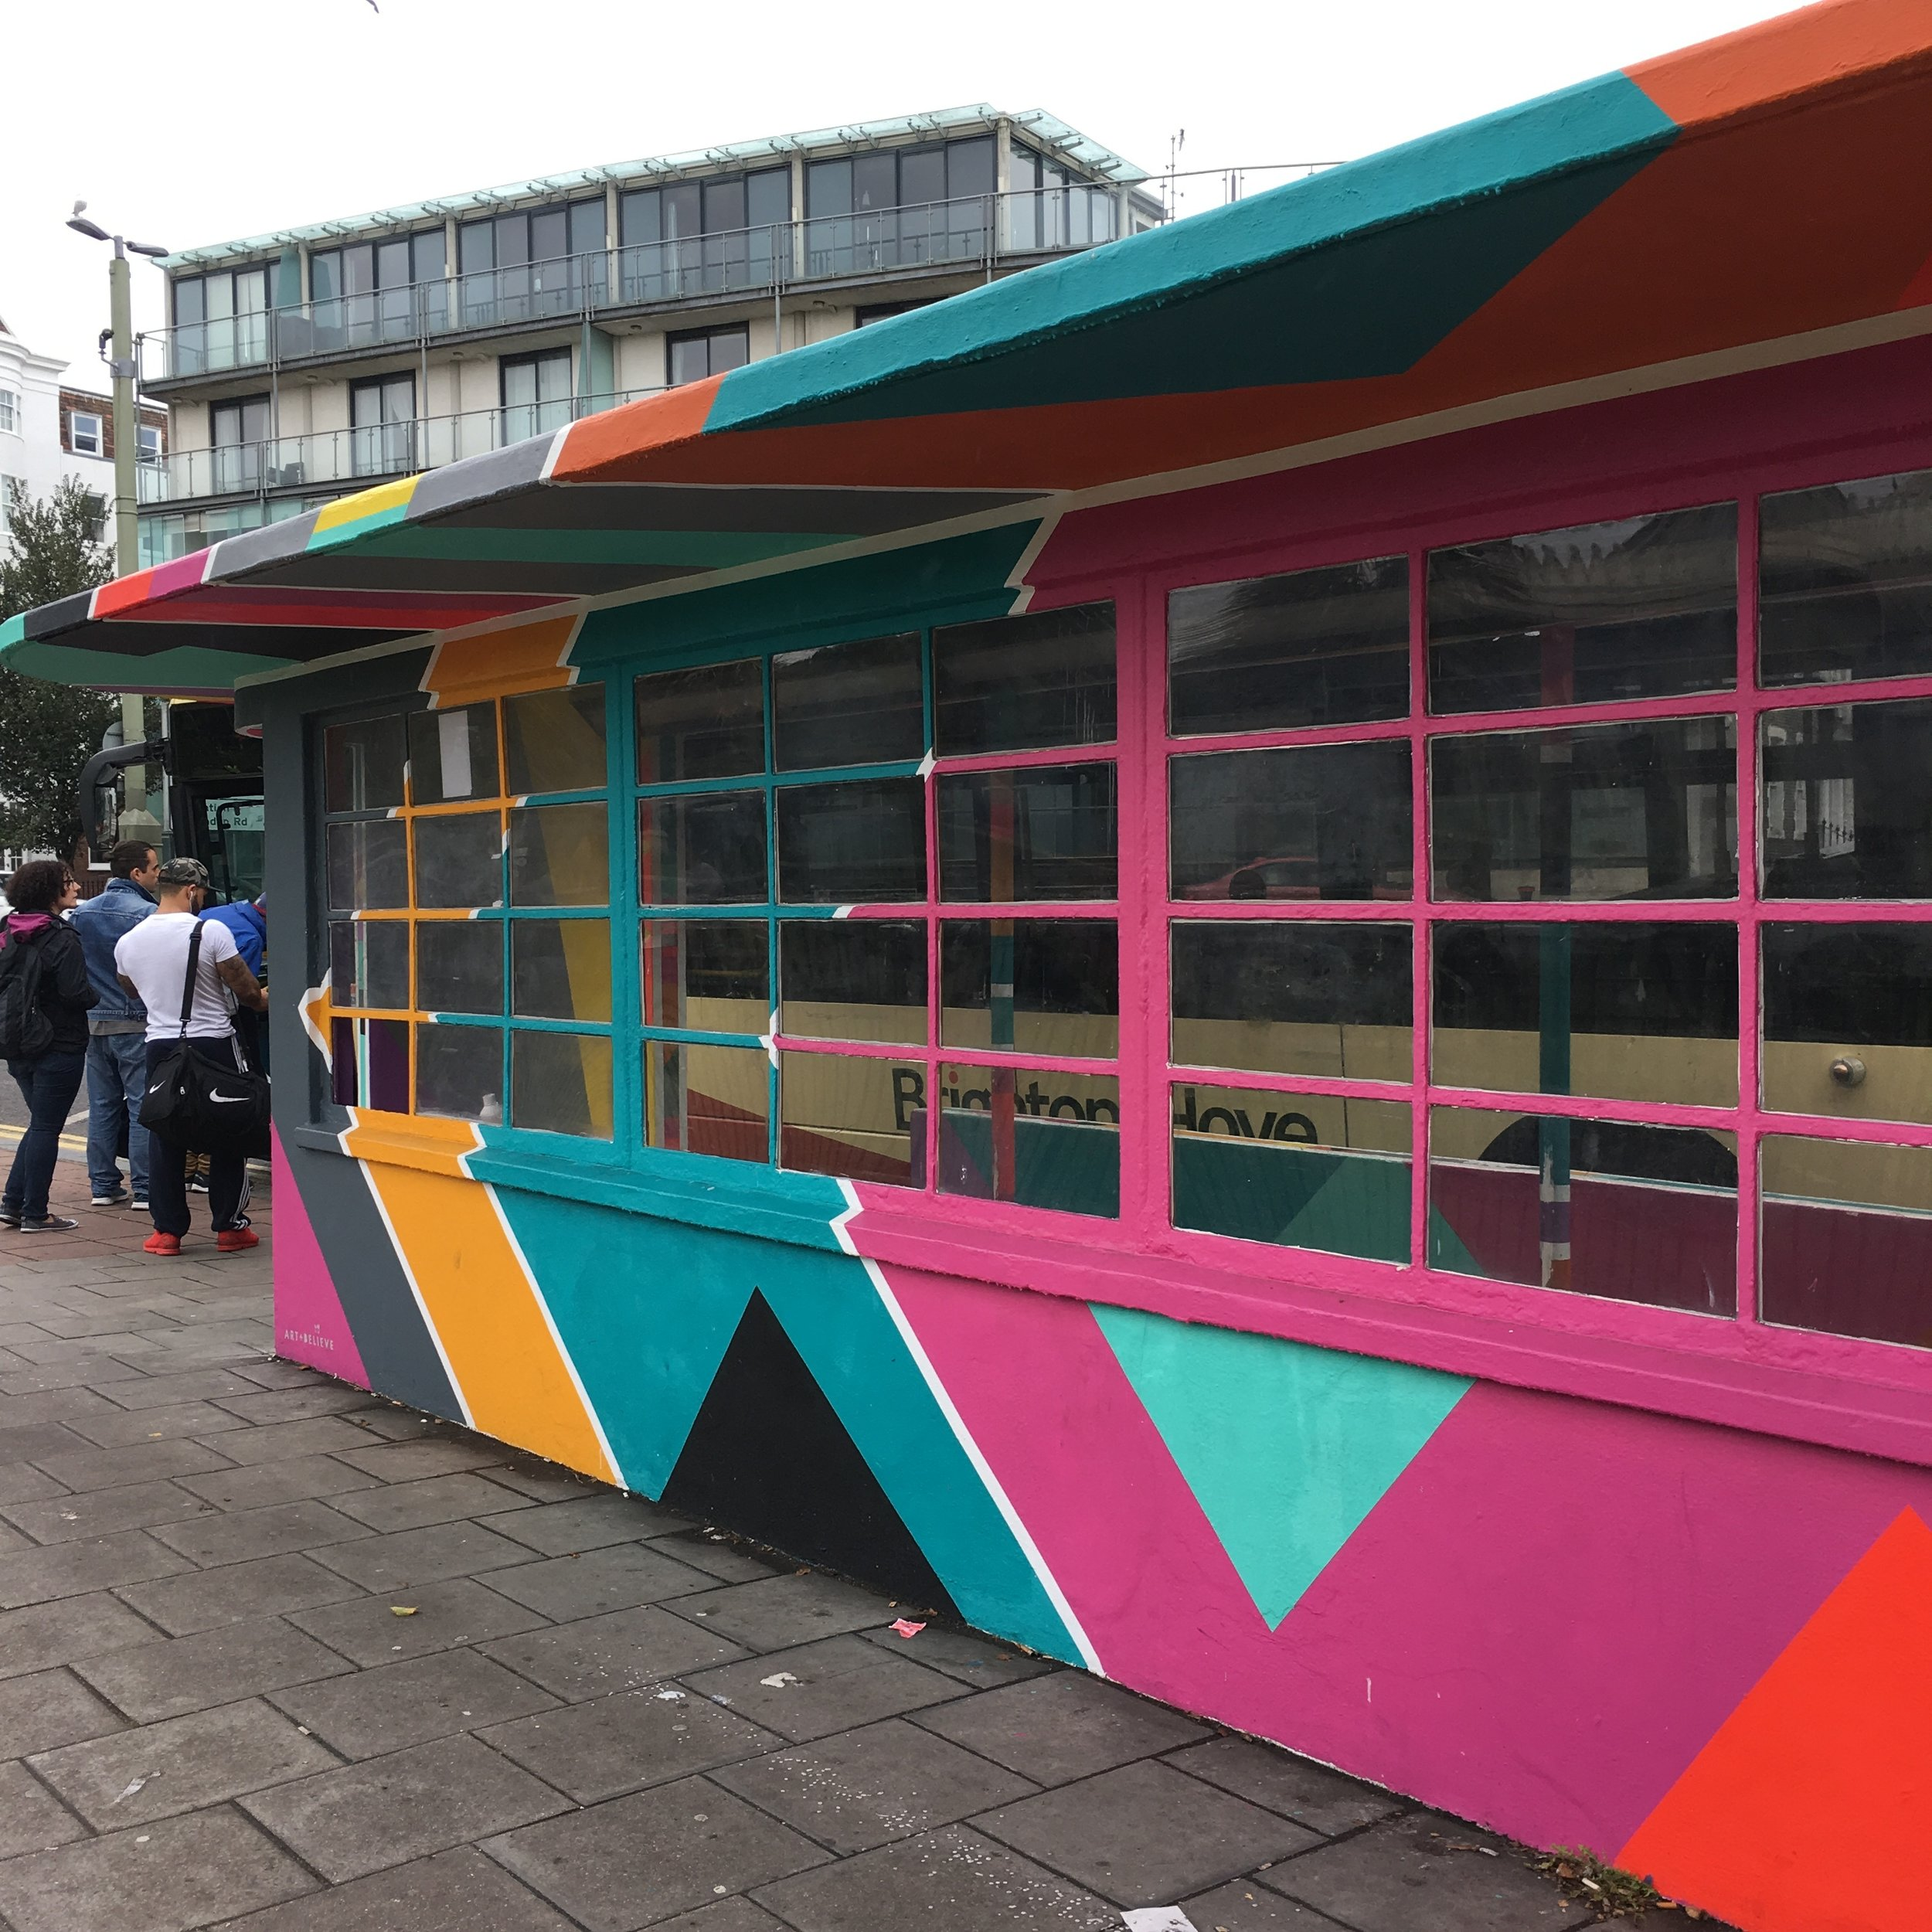 brighton-bus-stop.JPG